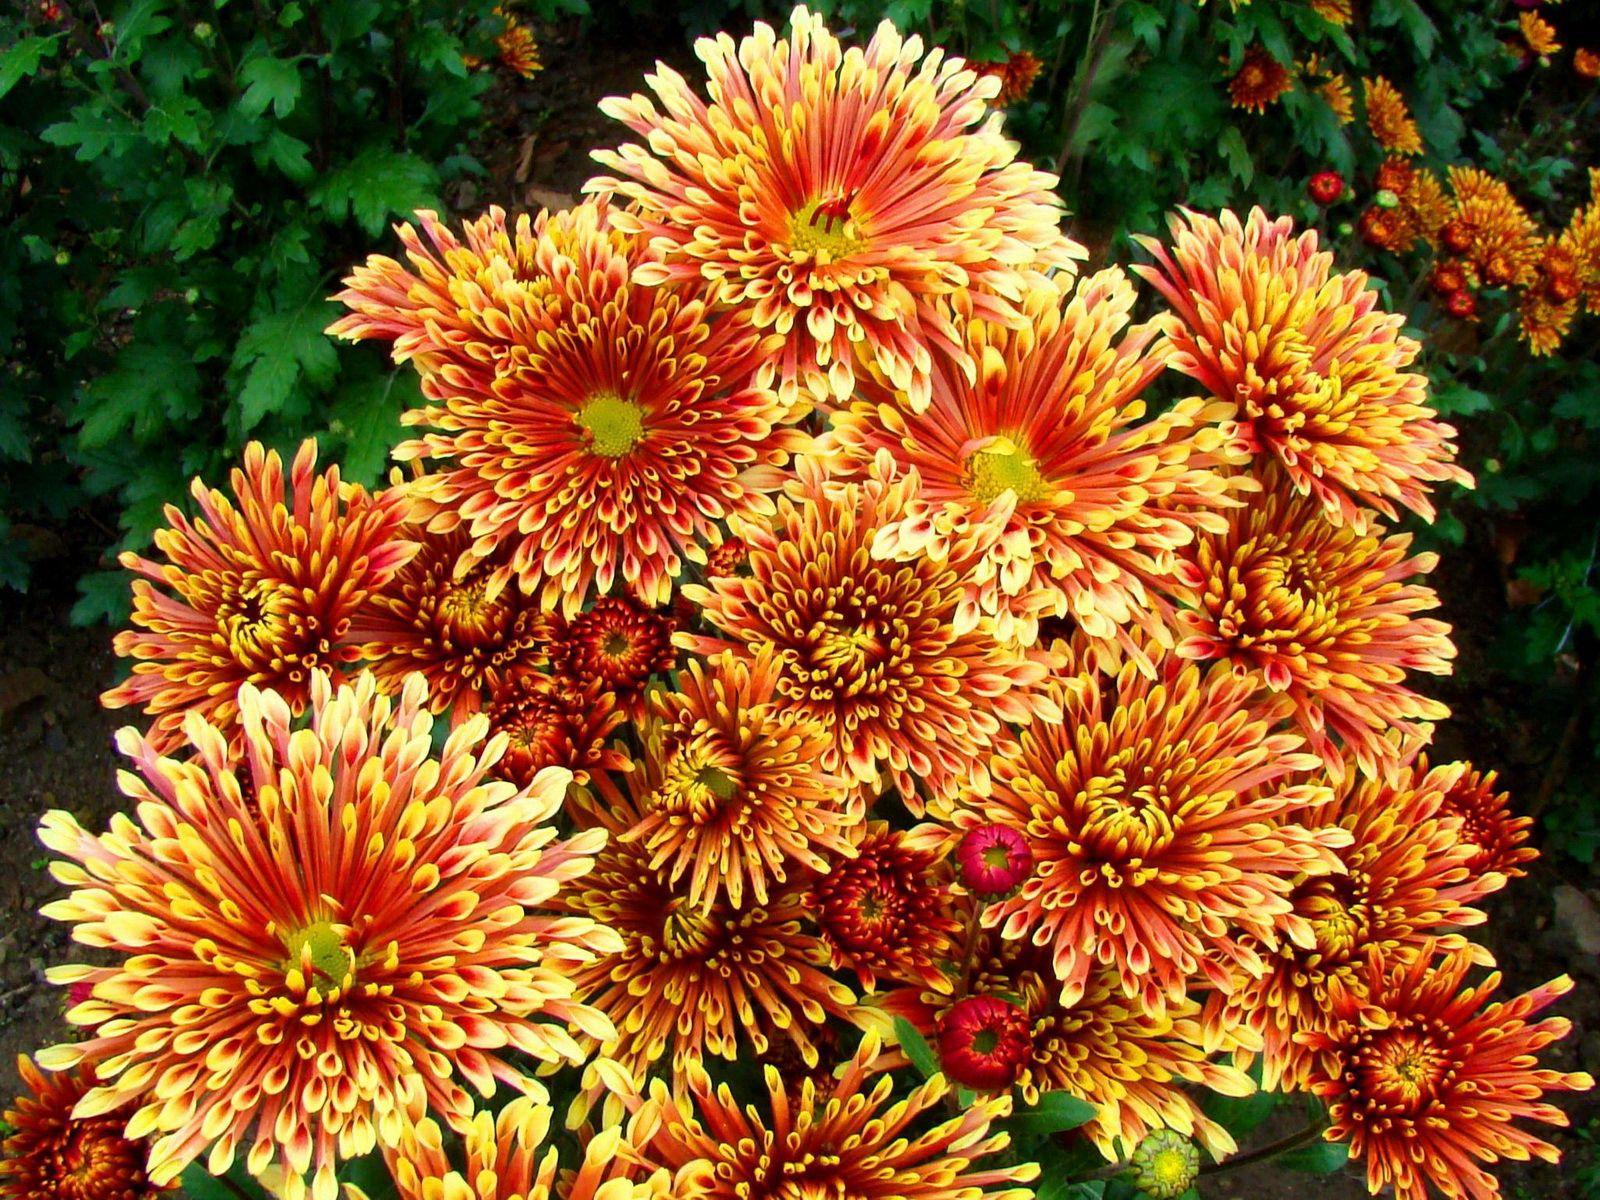 133230 скачать обои Хризантемы, Цветы, Яркие, Пестрые, Красочные - заставки и картинки бесплатно